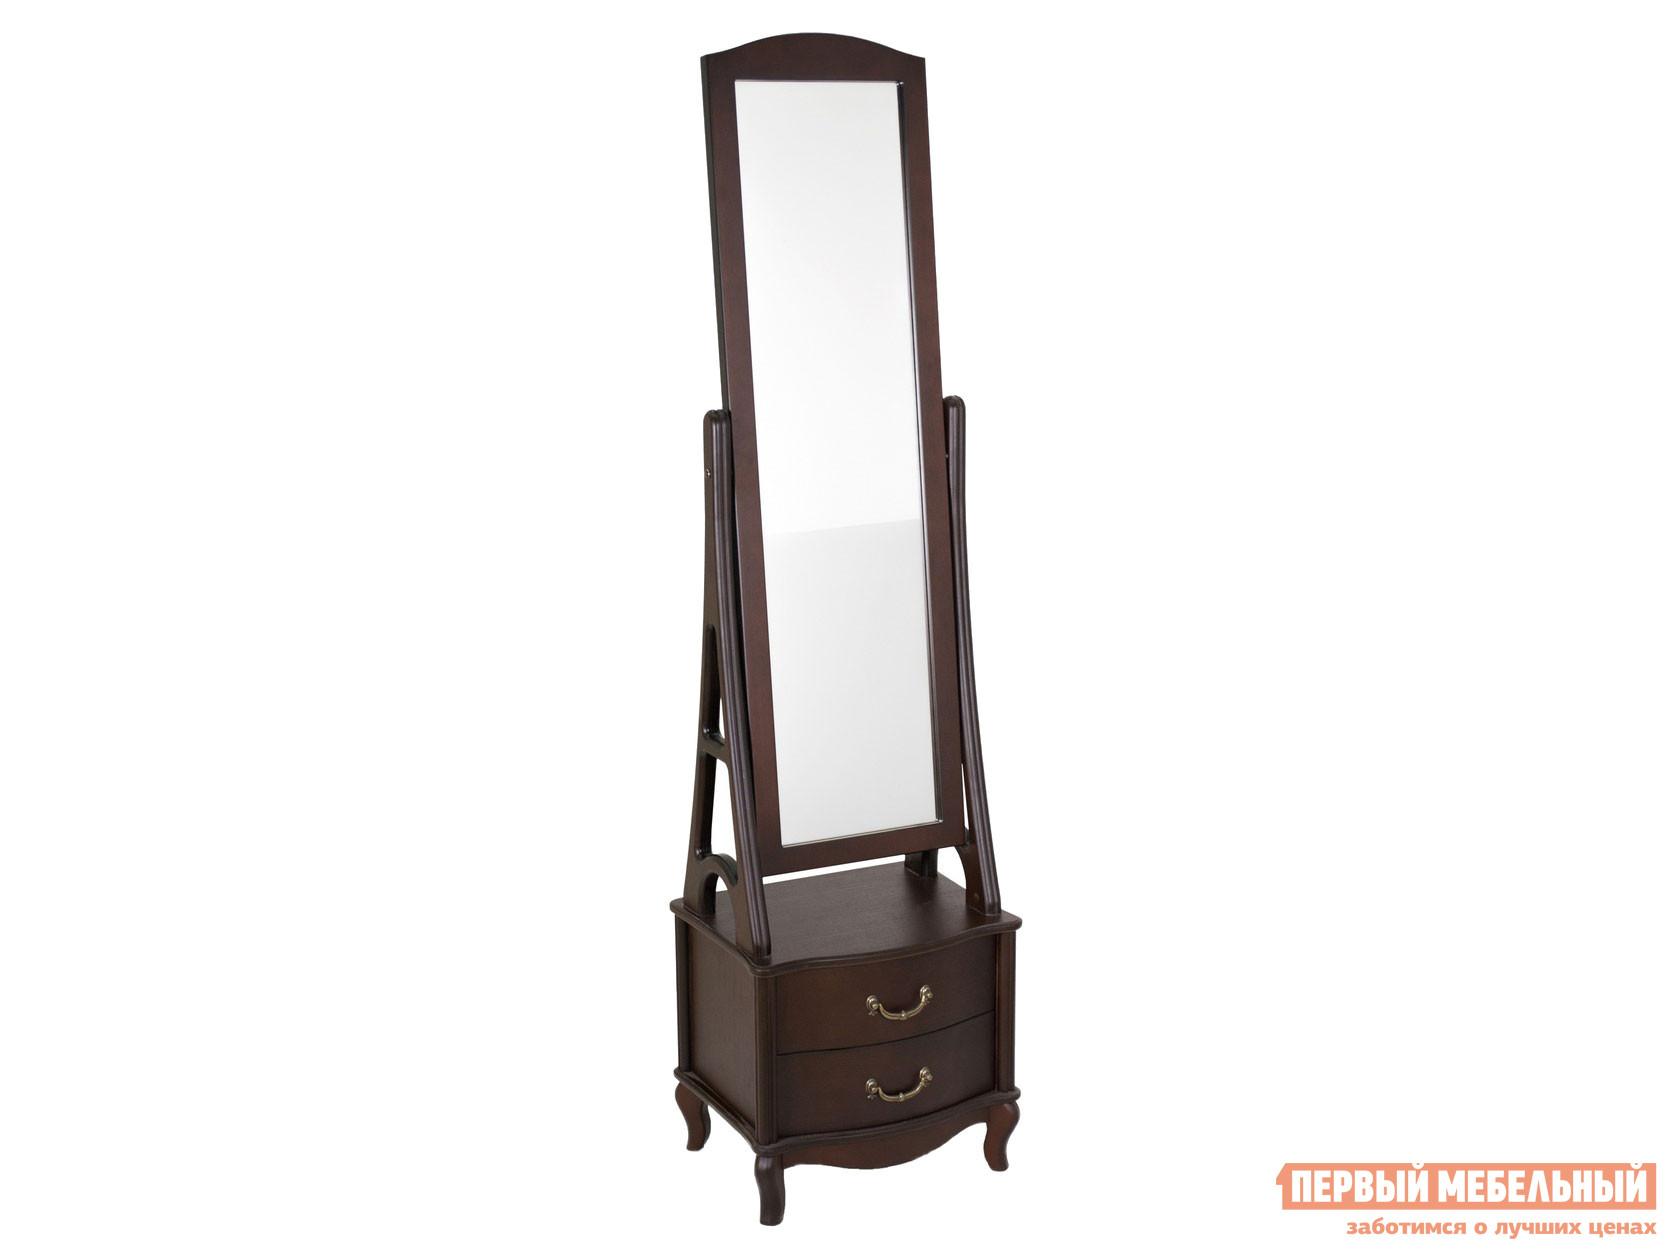 Напольное зеркало  Leset Джульетта Орех Мебель Импэкс 128161